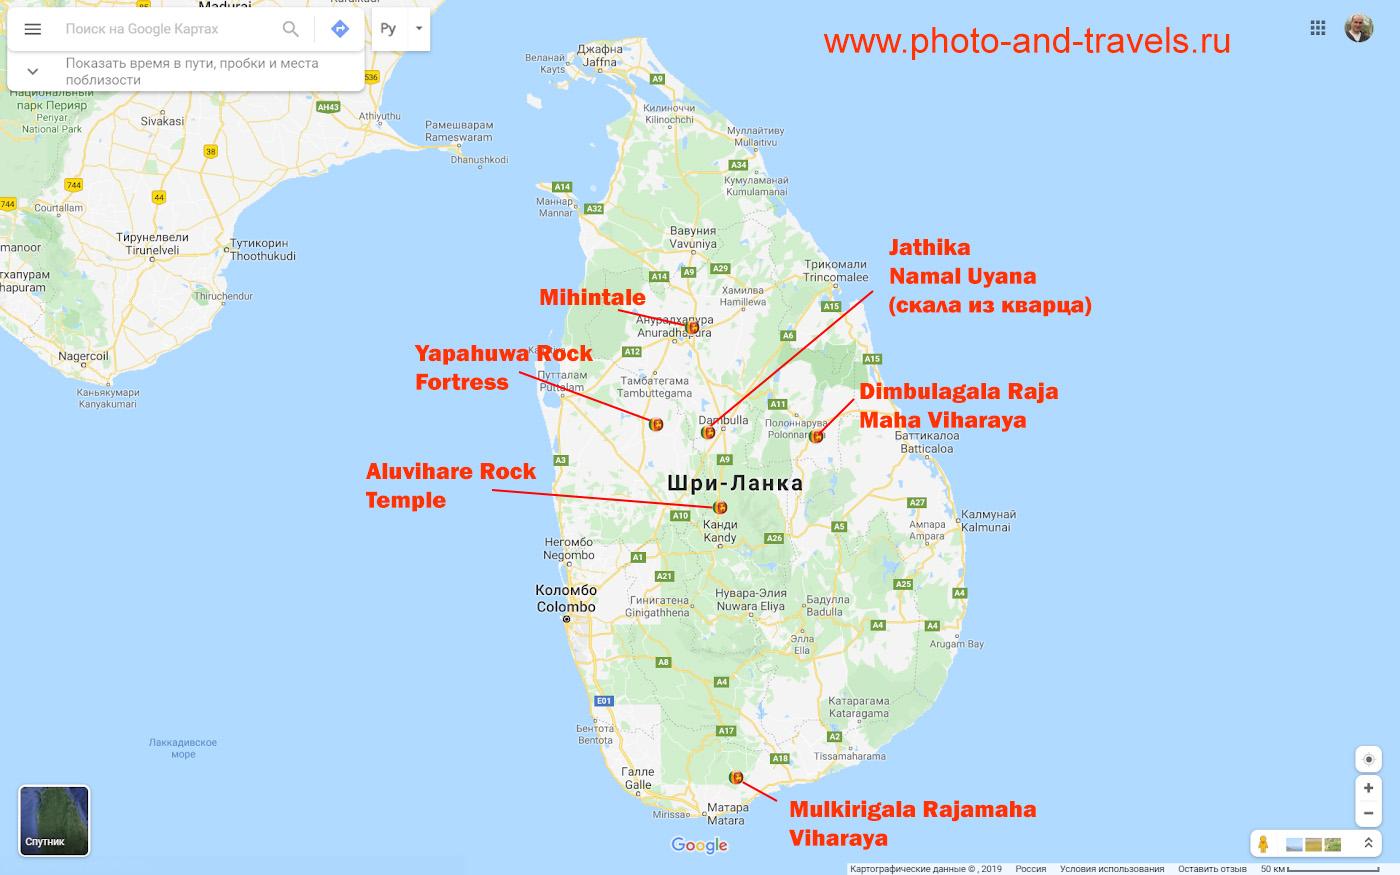 17. Интересные достопримечательности Шри-Ланки, похожие на Сигирию. Карта со схемой расположения.